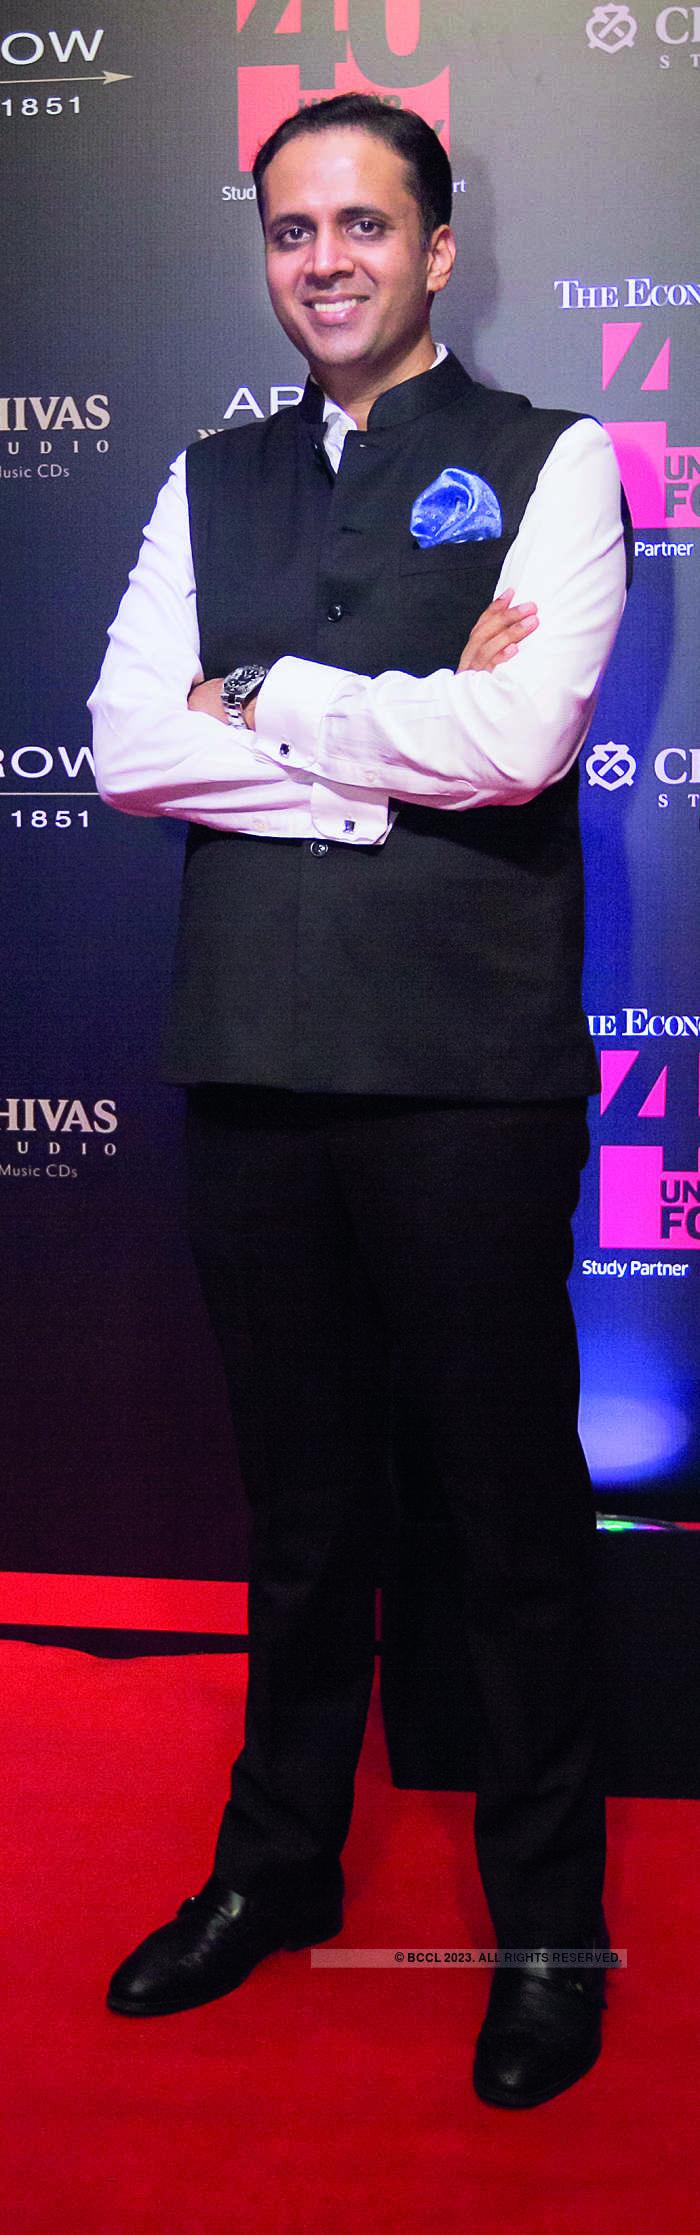 Yashraj Erande, Partner, BCG